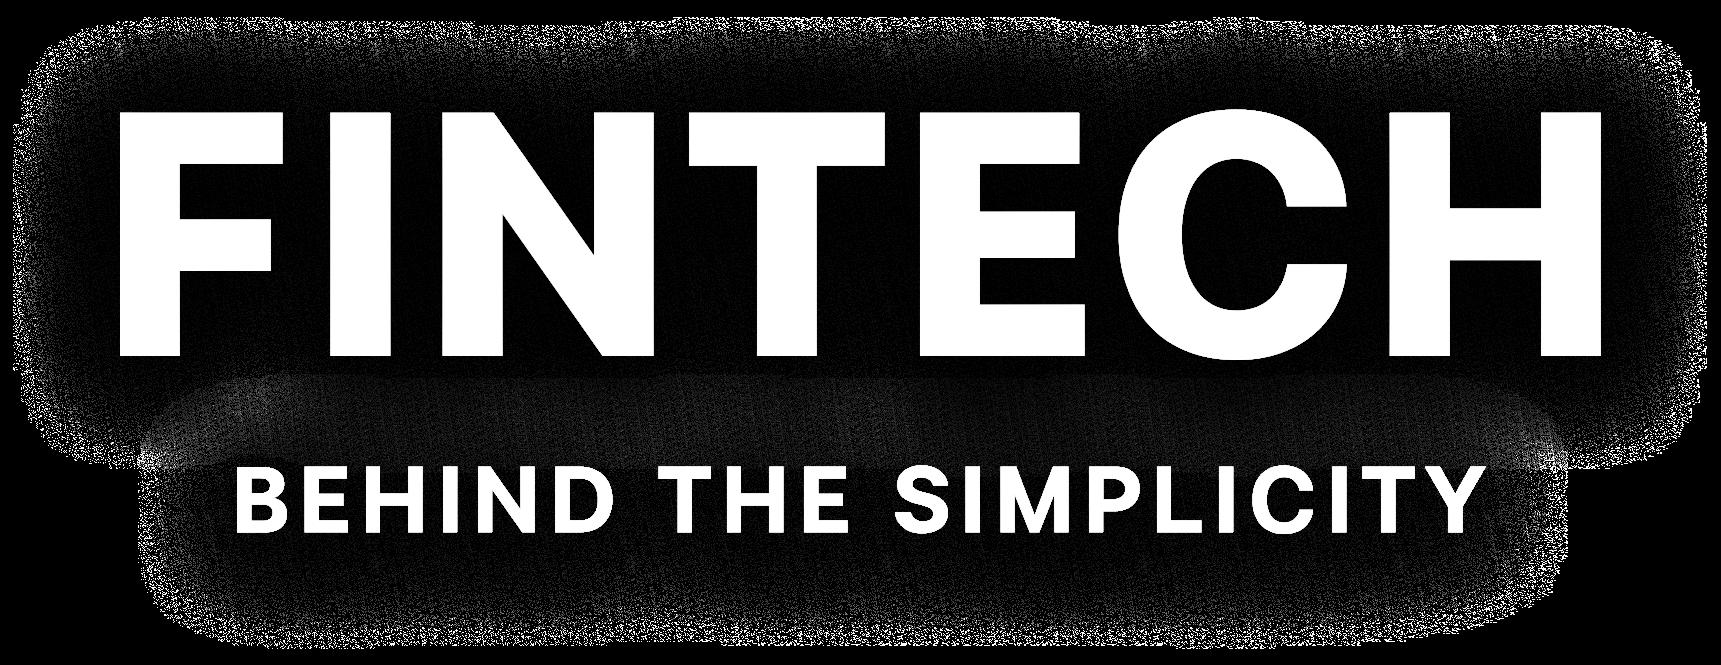 FINTECH | BEHIND THE SIMPLICITY